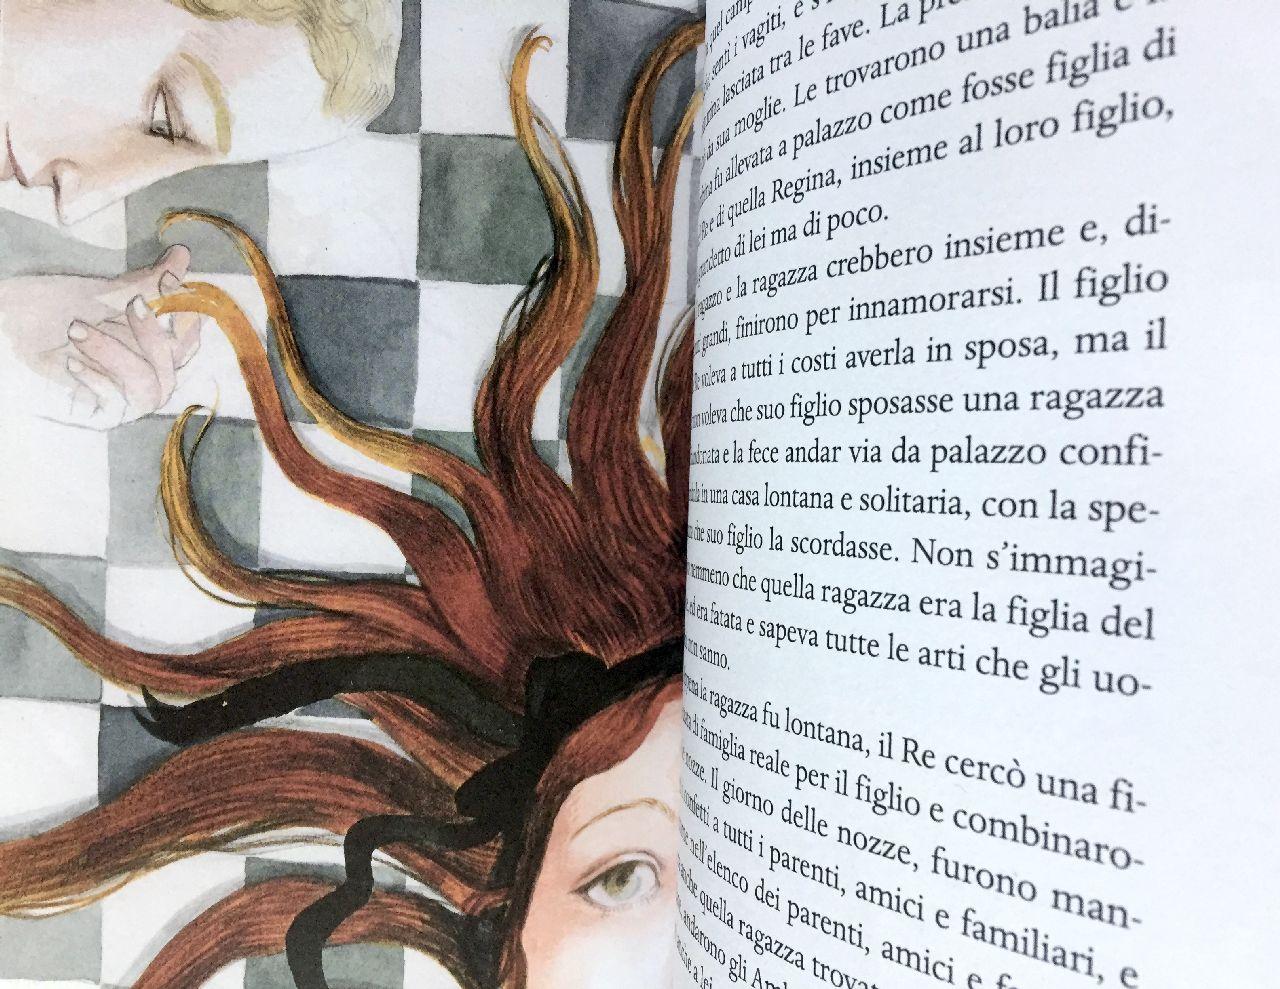 Italo Calvino - Mariachiara Di Giorgio, Fiabe italiane, Mondadori